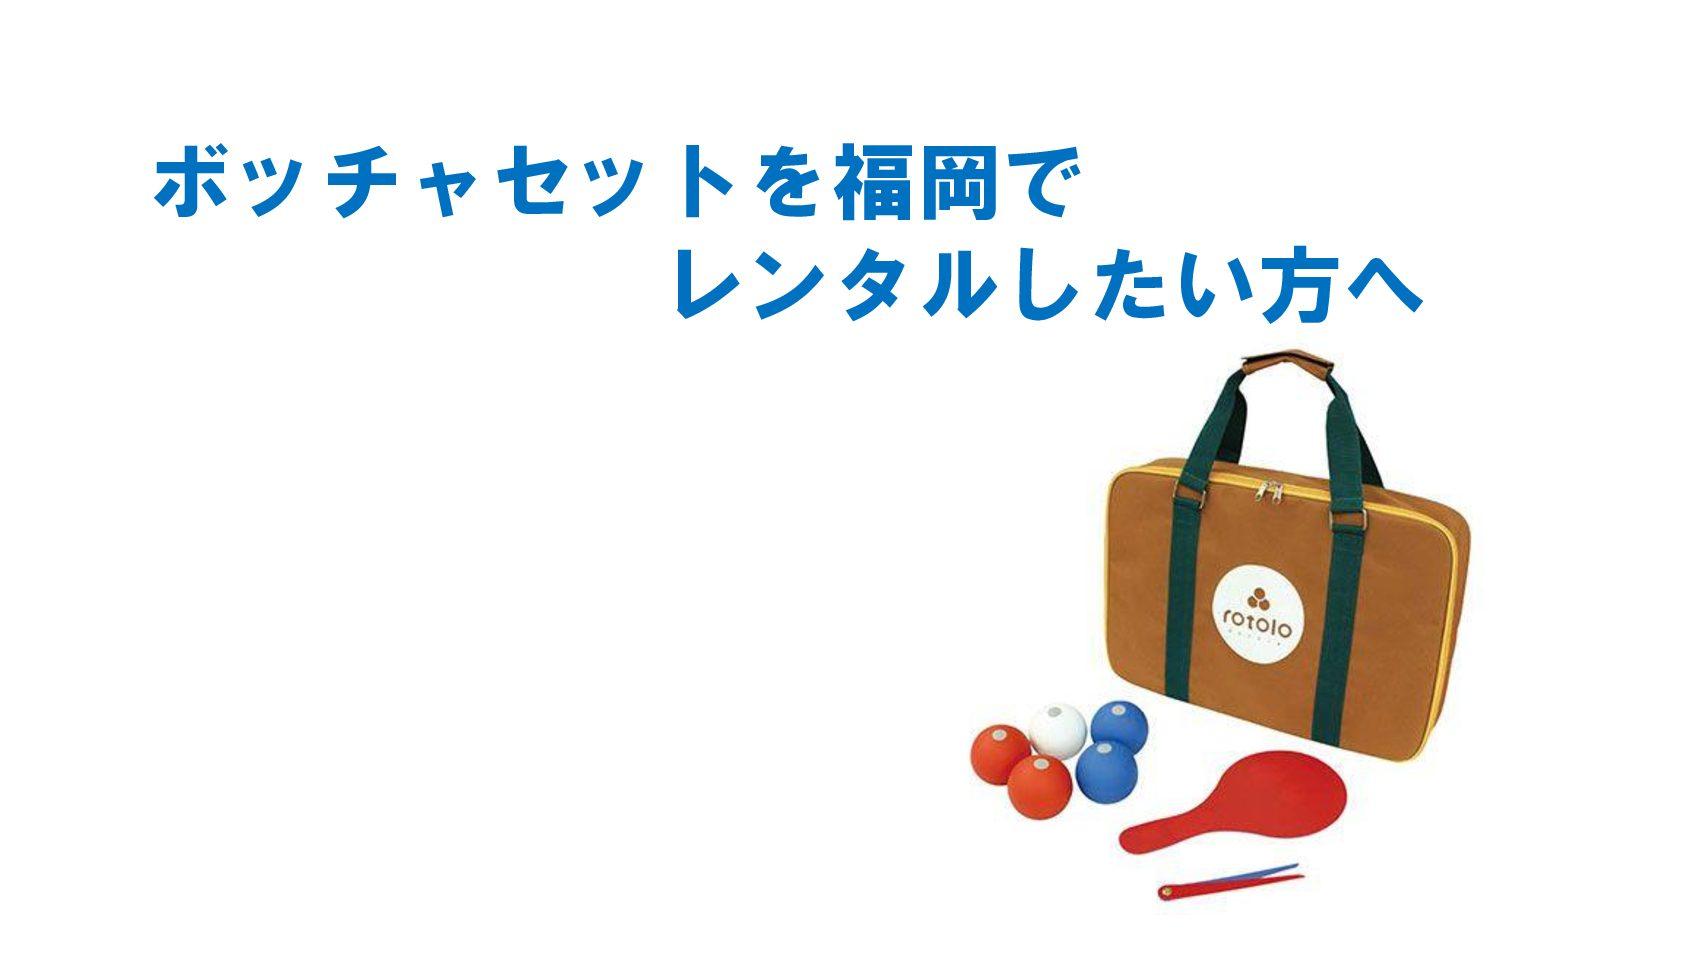 ボッチャセットを福岡でレンタルしたい方へ